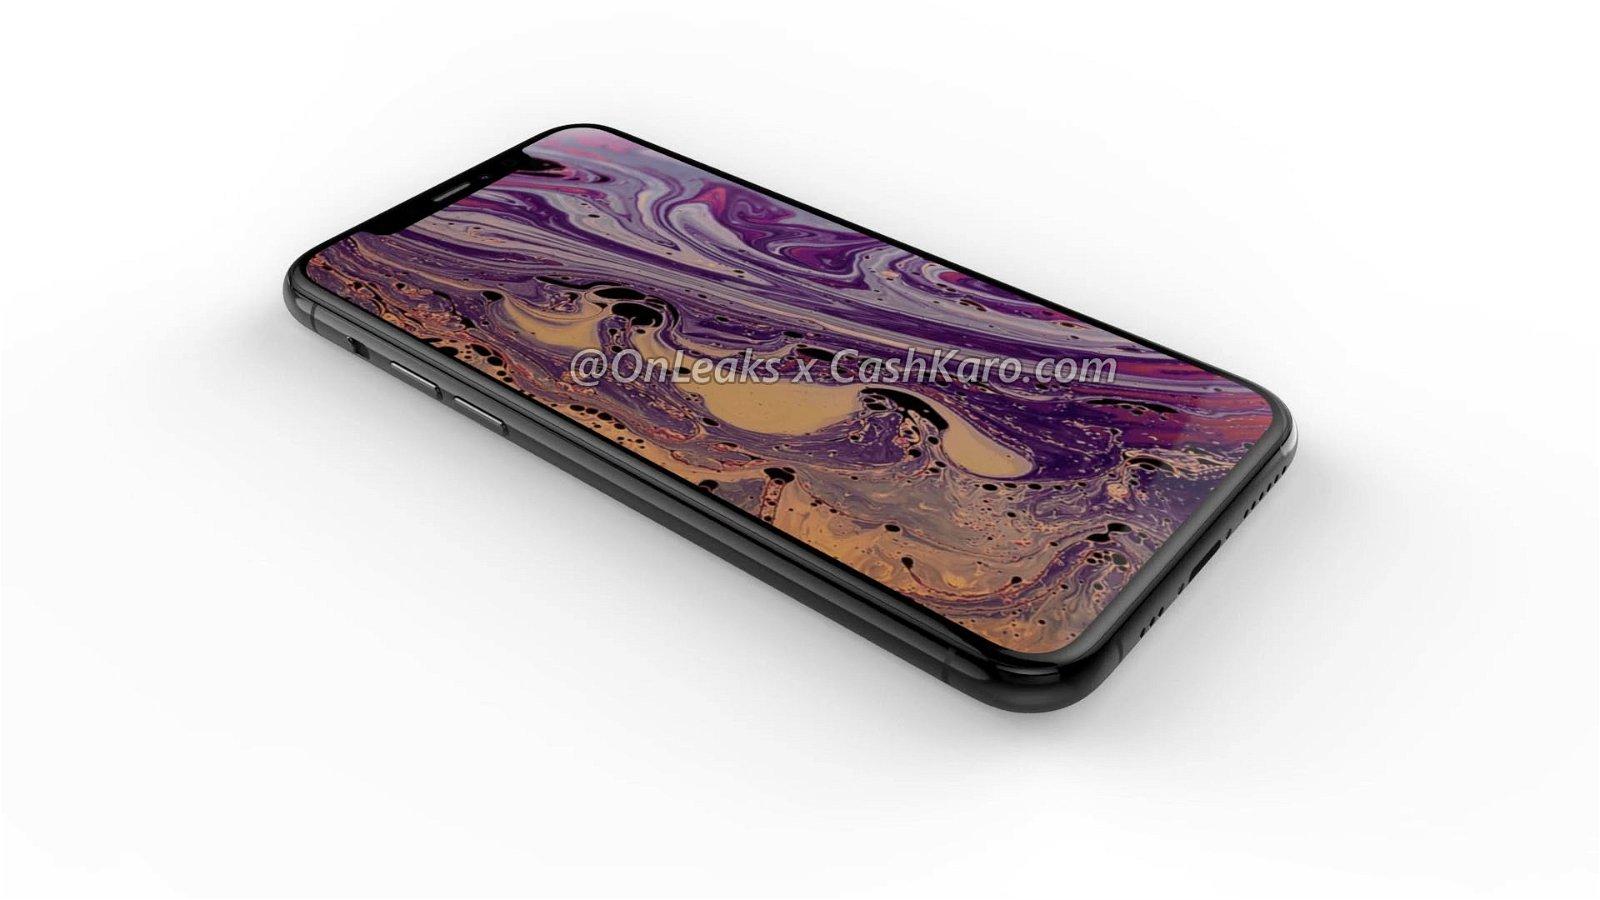 Un vídeo del iPhone XI desvela novedades: cambios en el cristal trasero, nuevo botón de silencio y más